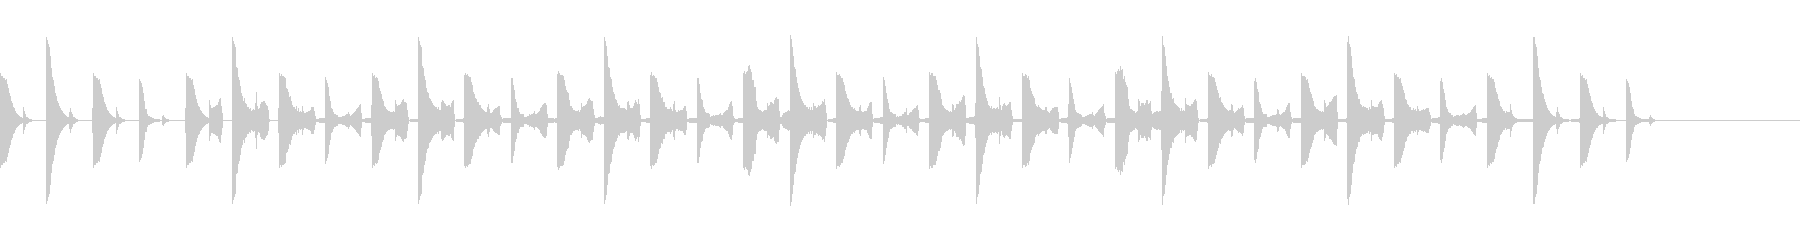 テクノ、ポップ、シンセ、ジングル1の未再生の波形